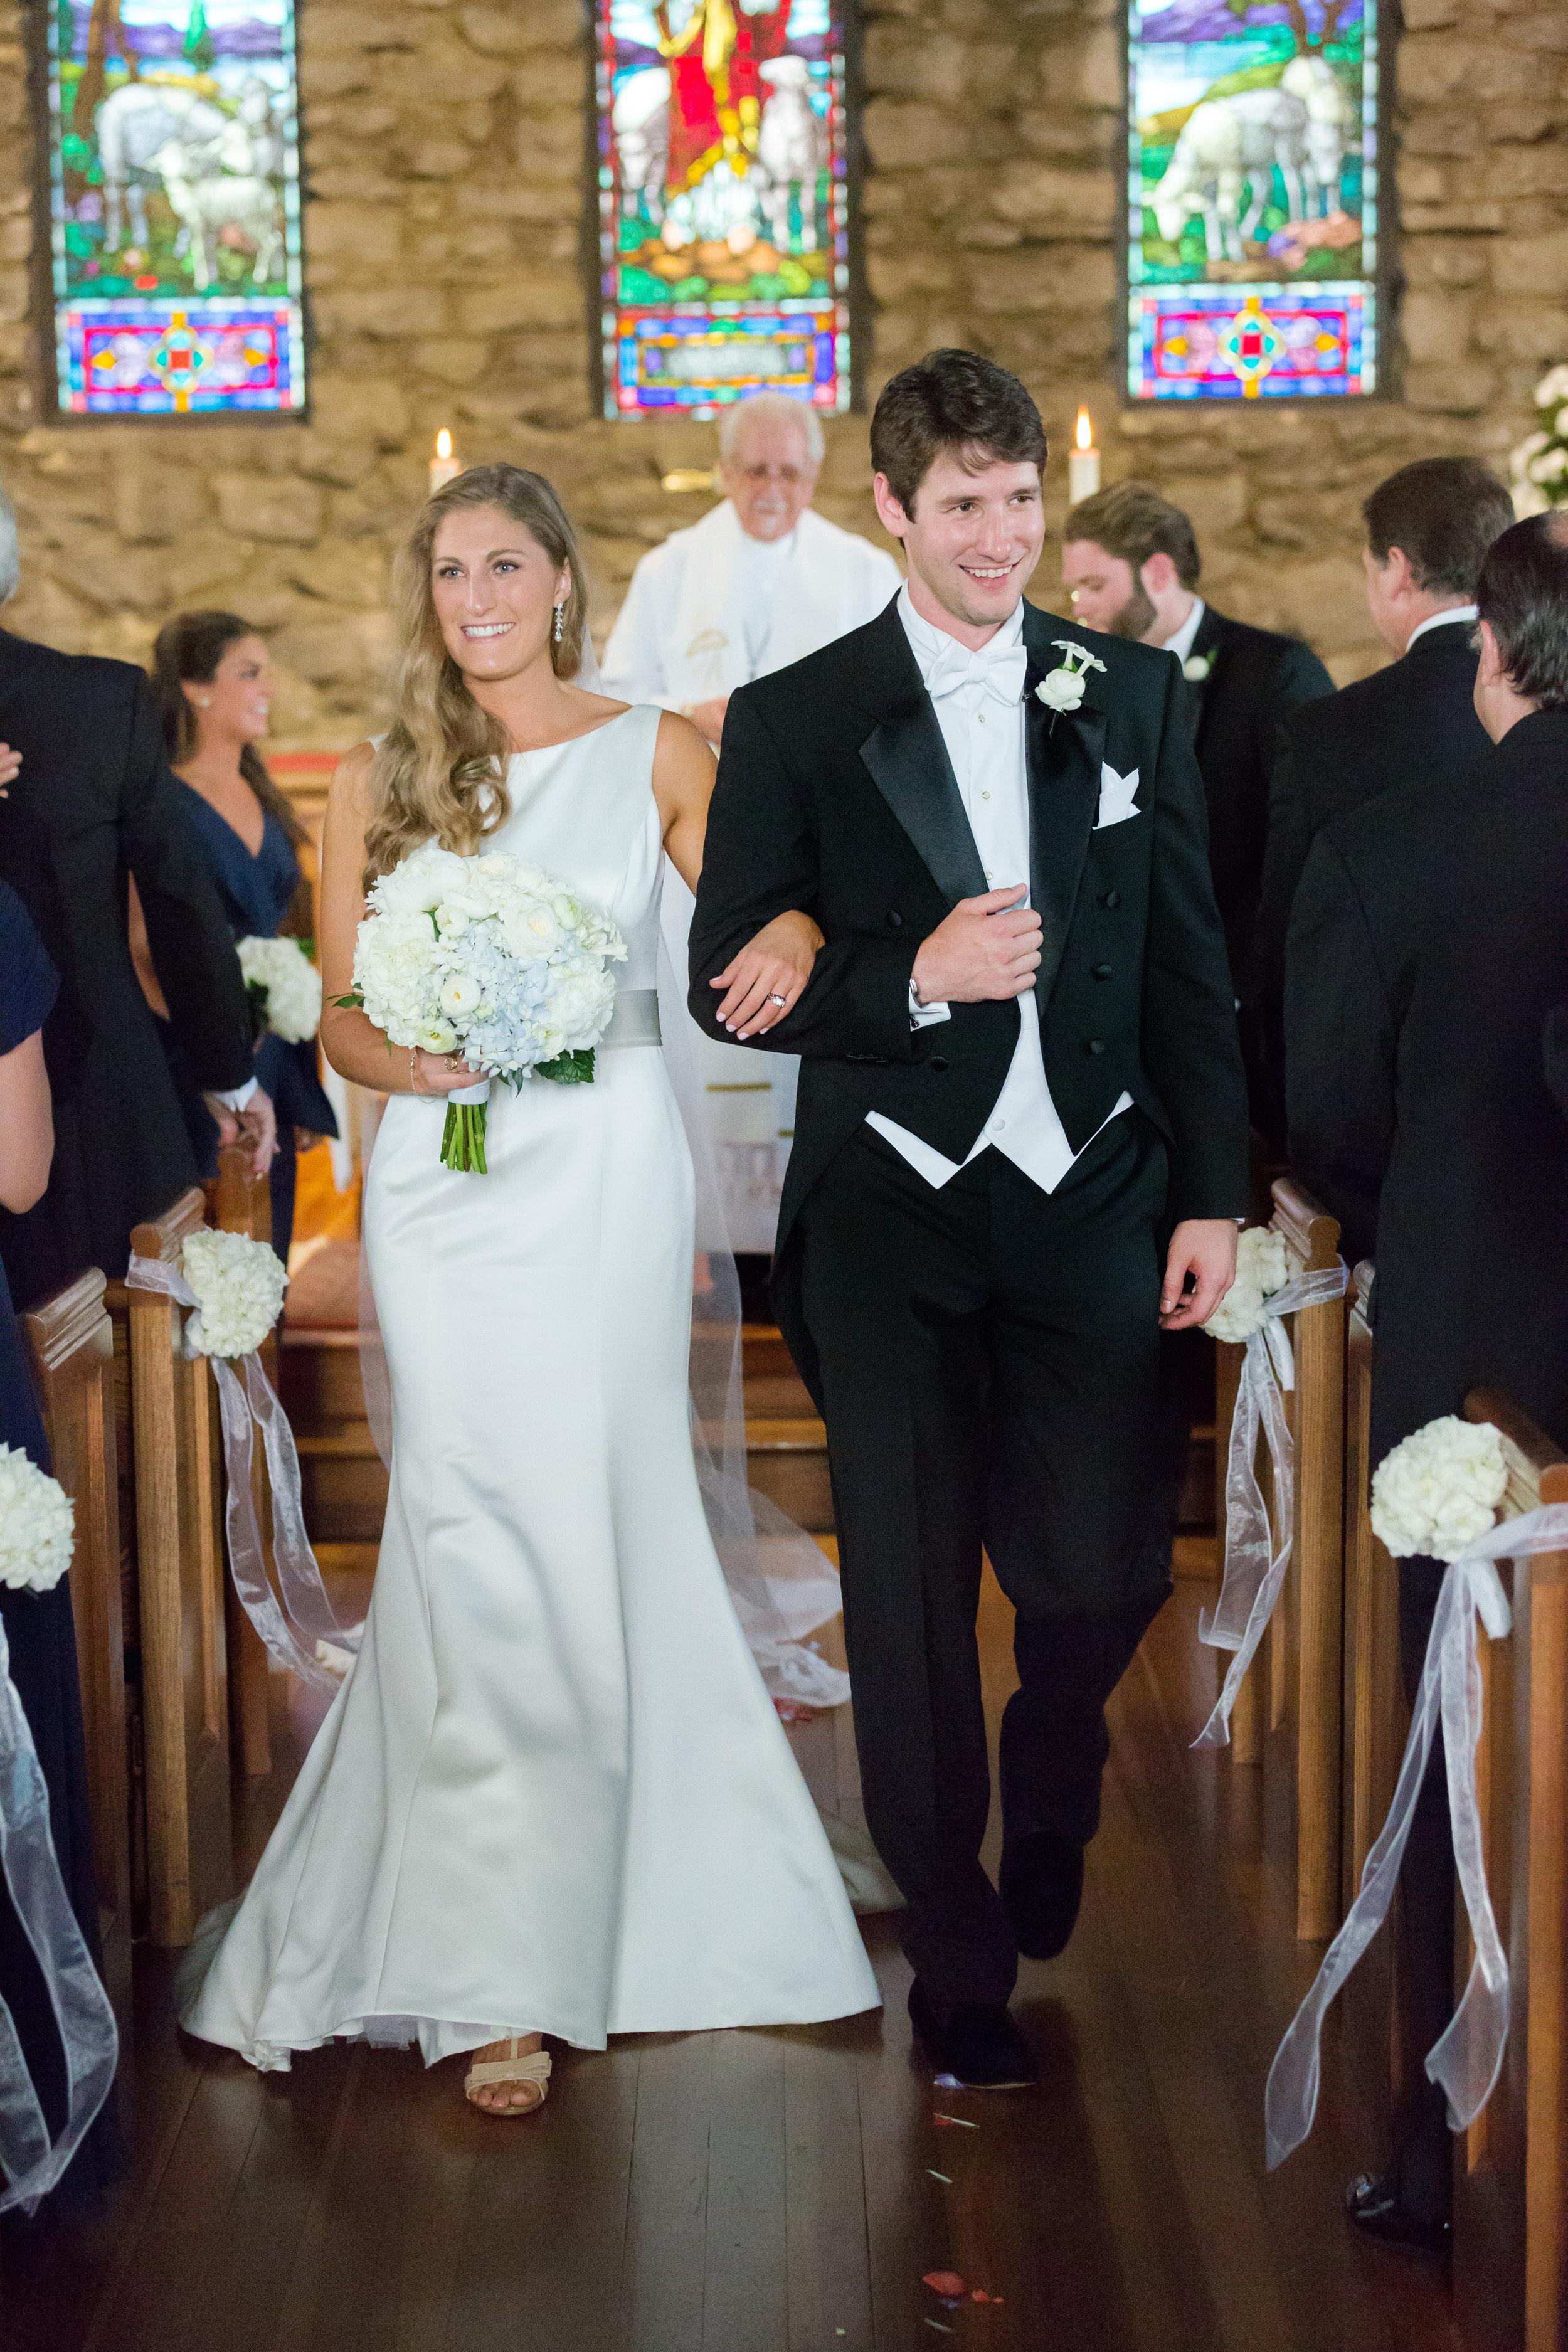 Morgan Wedding_Saturday_Full_053015_293.jpg